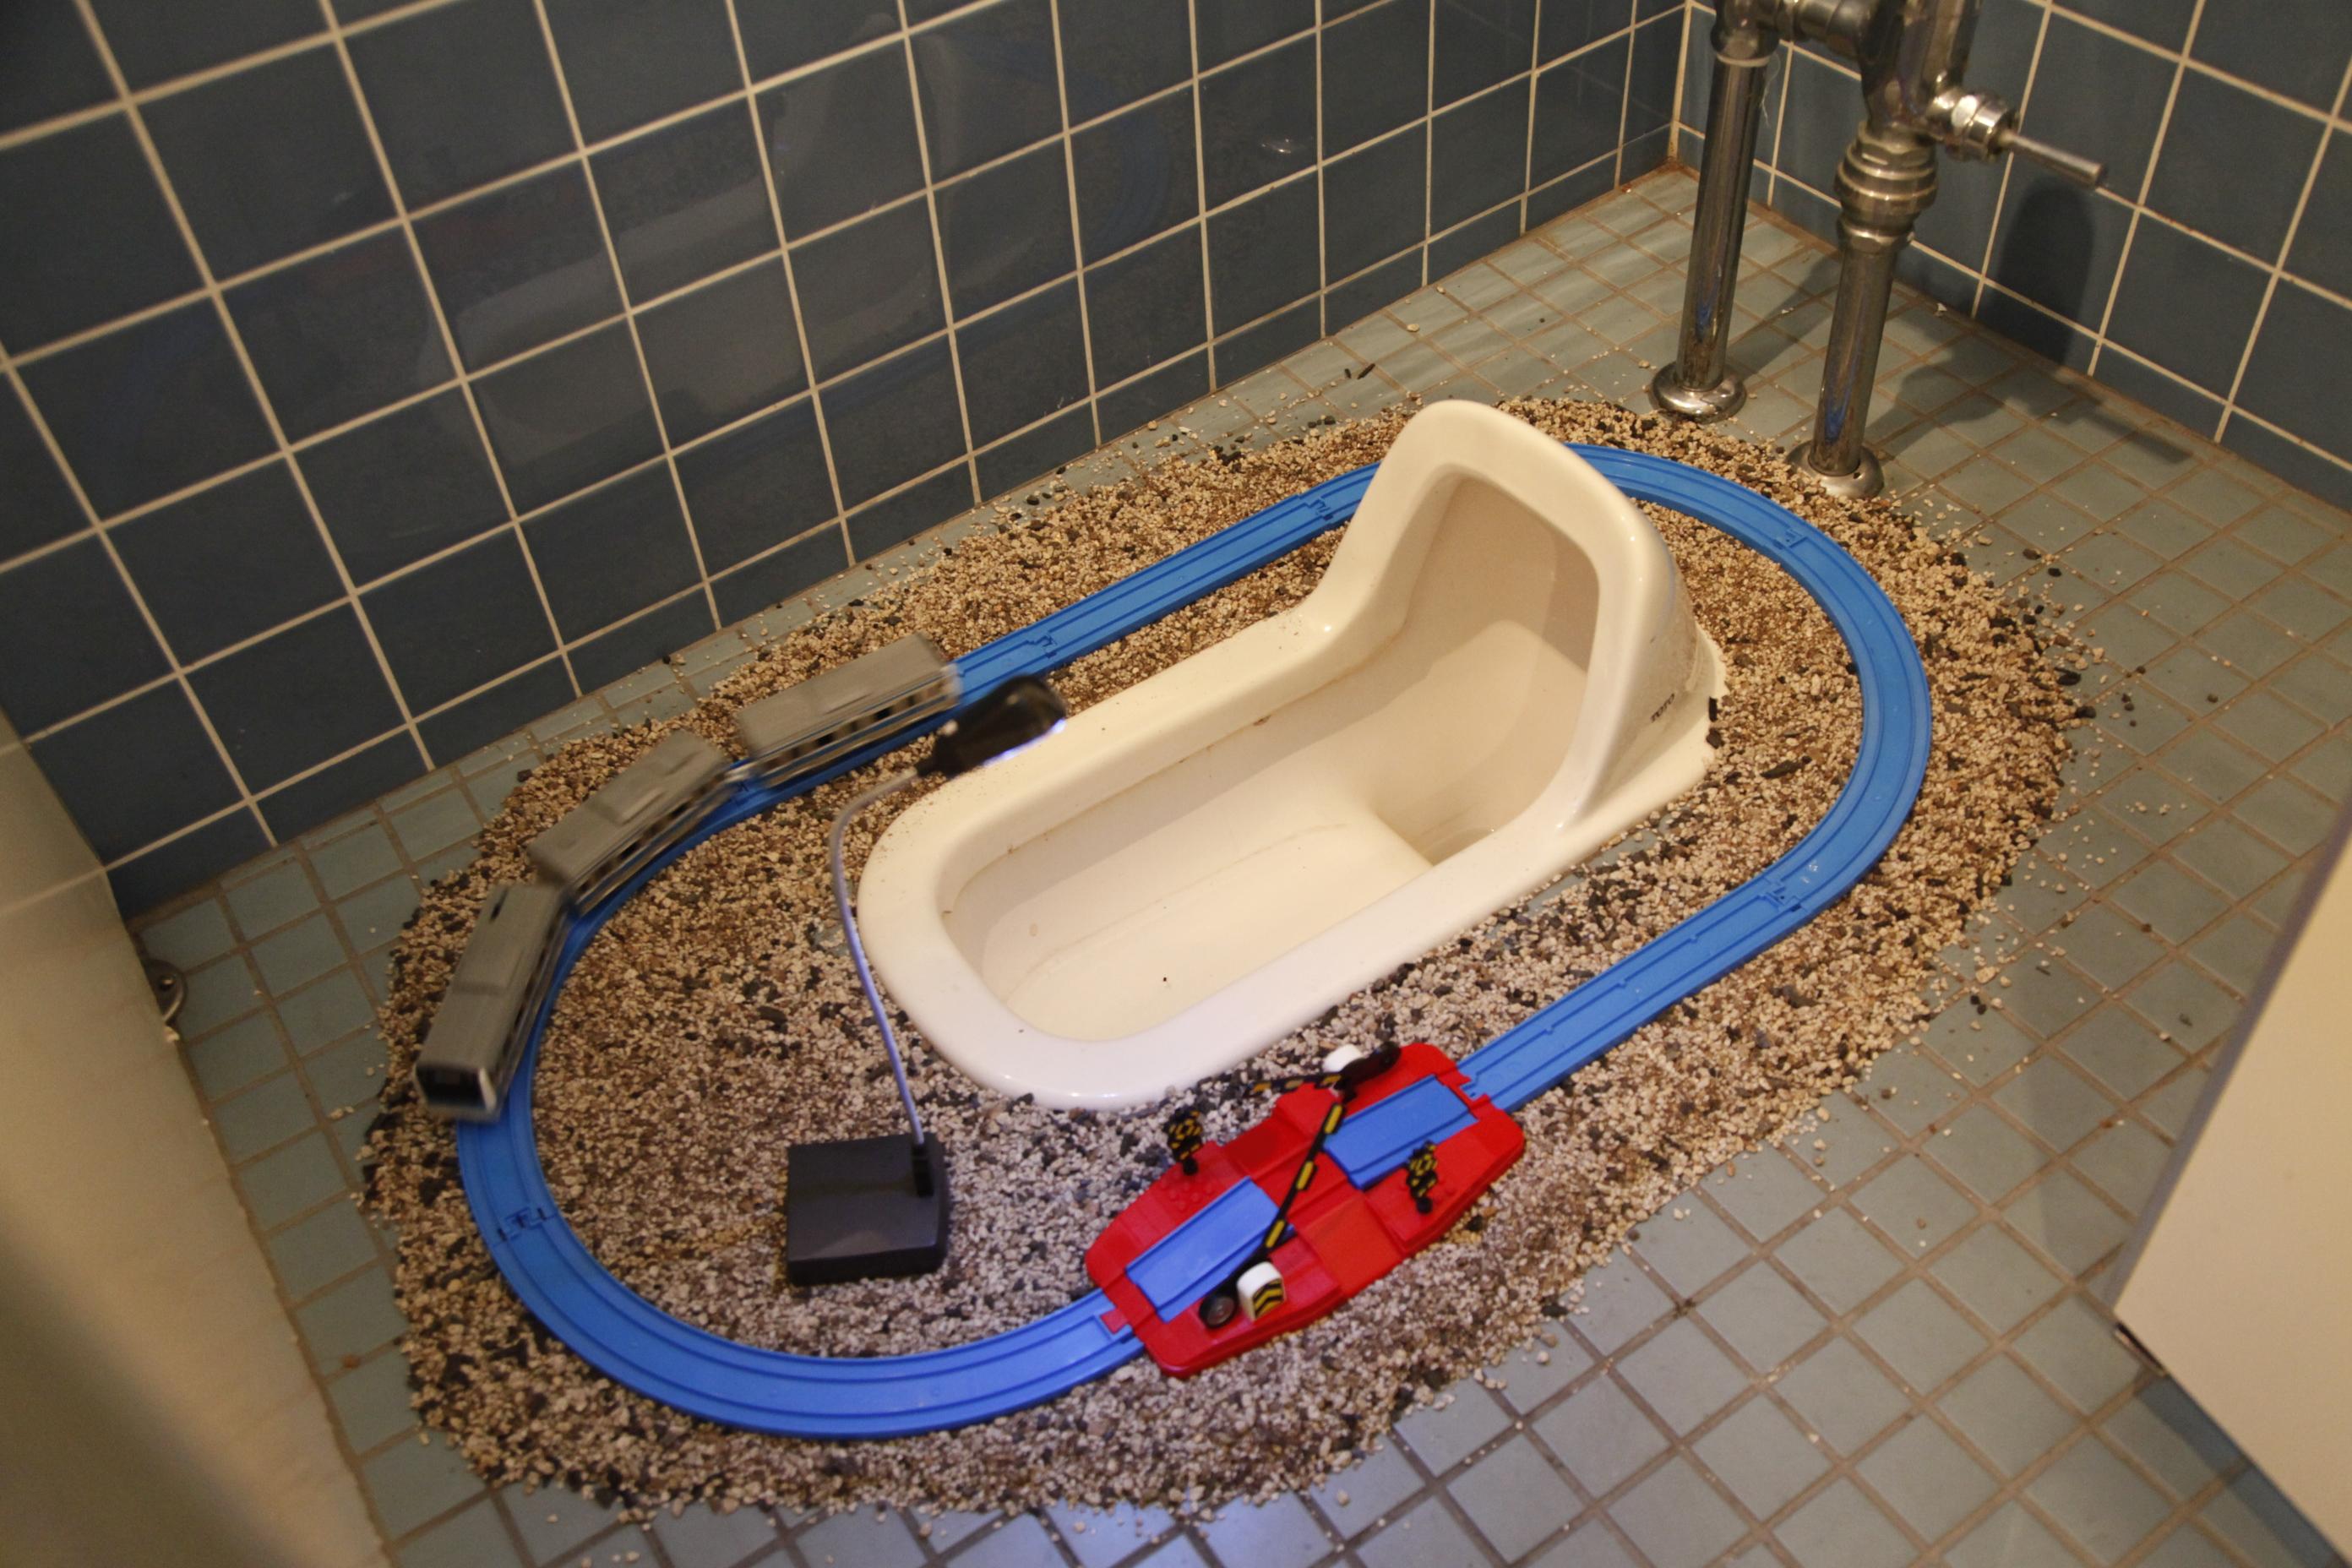 田田野『電車』